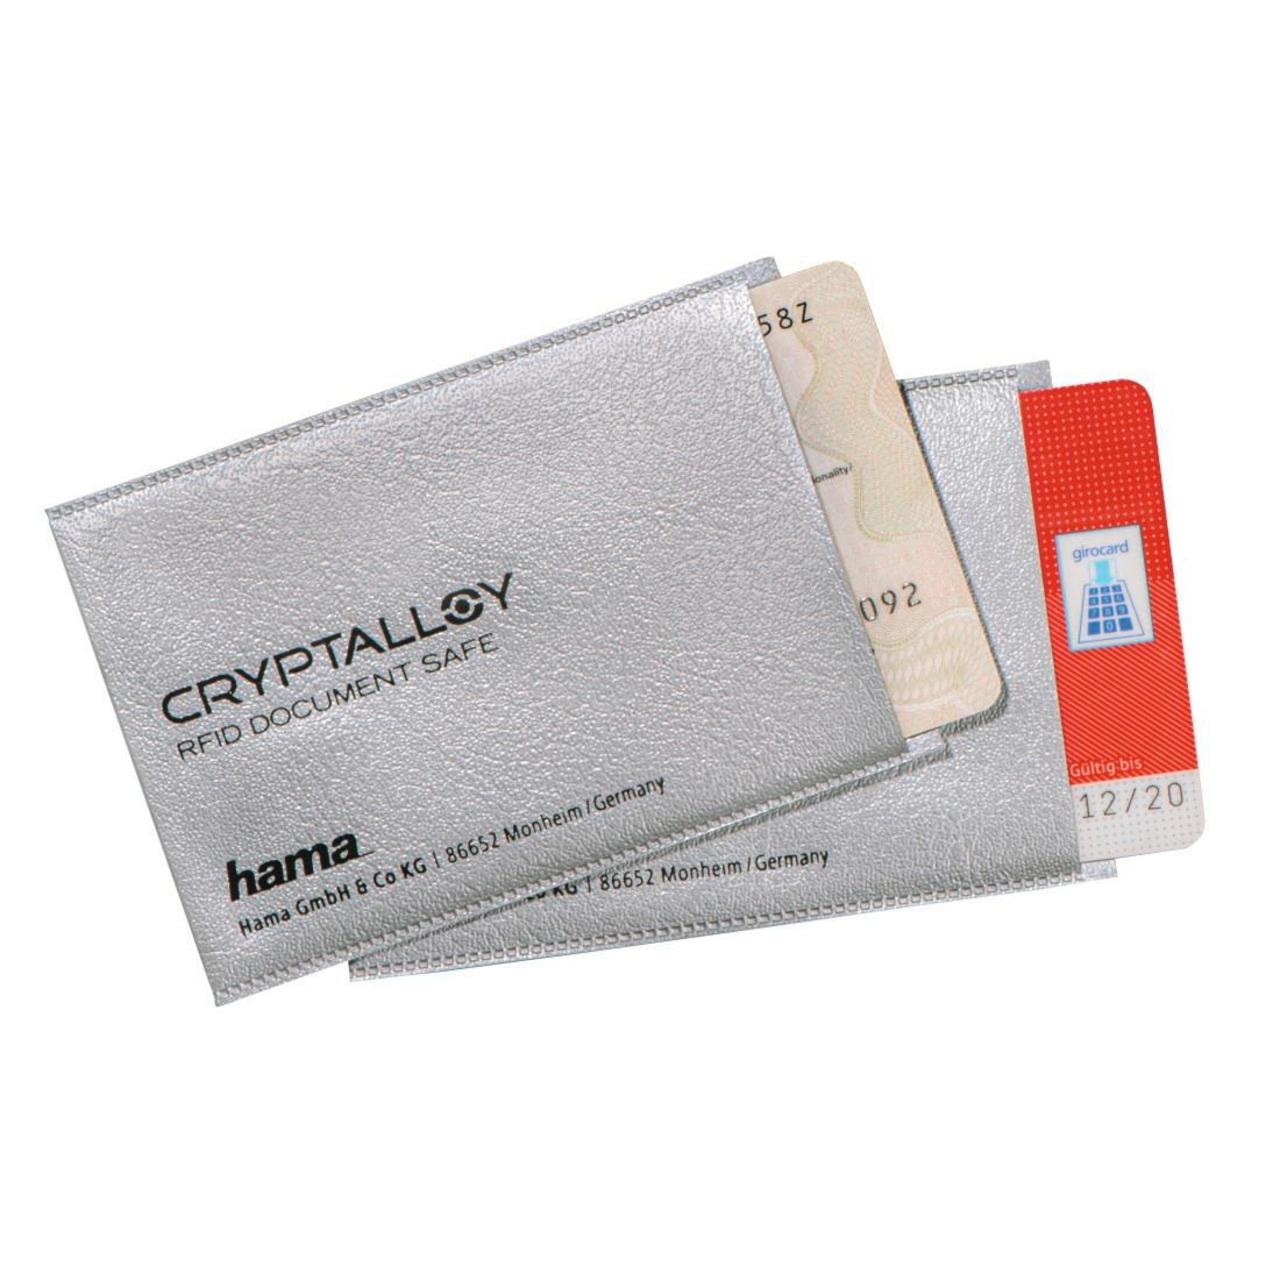 2er-Set Hama-RFID-NFC-Schutzhüllen für EC- Kredit- Zutrittskarten und Personalausweis